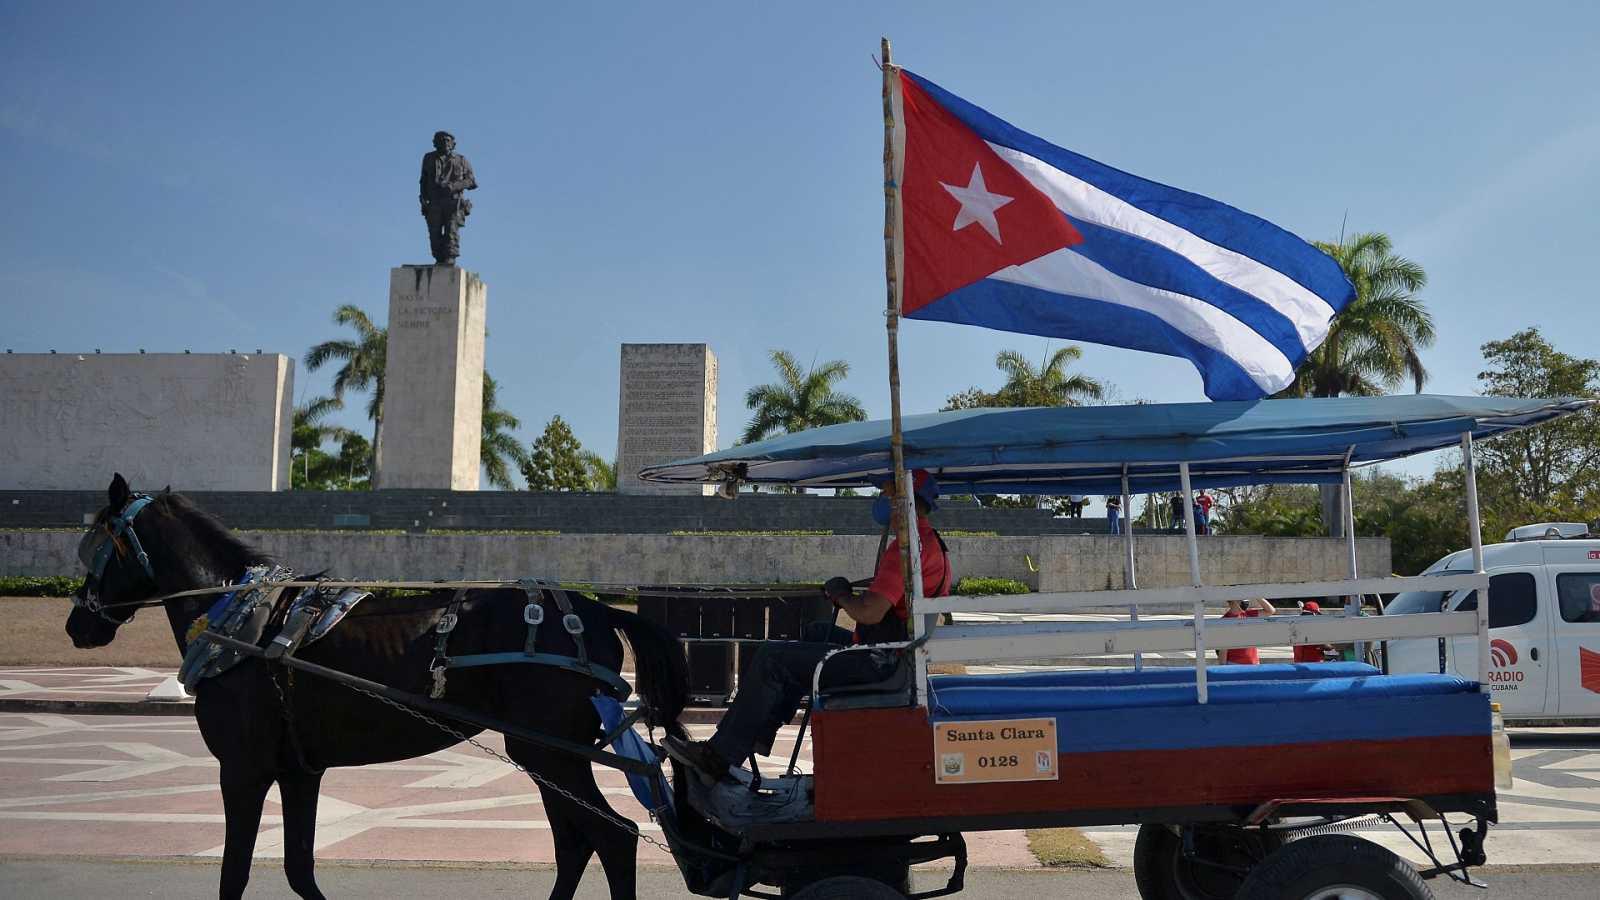 Las autoridades cubanas excarcelan y ponen bajo arresto domiciliario a la corresponsal de ABC en La Habana